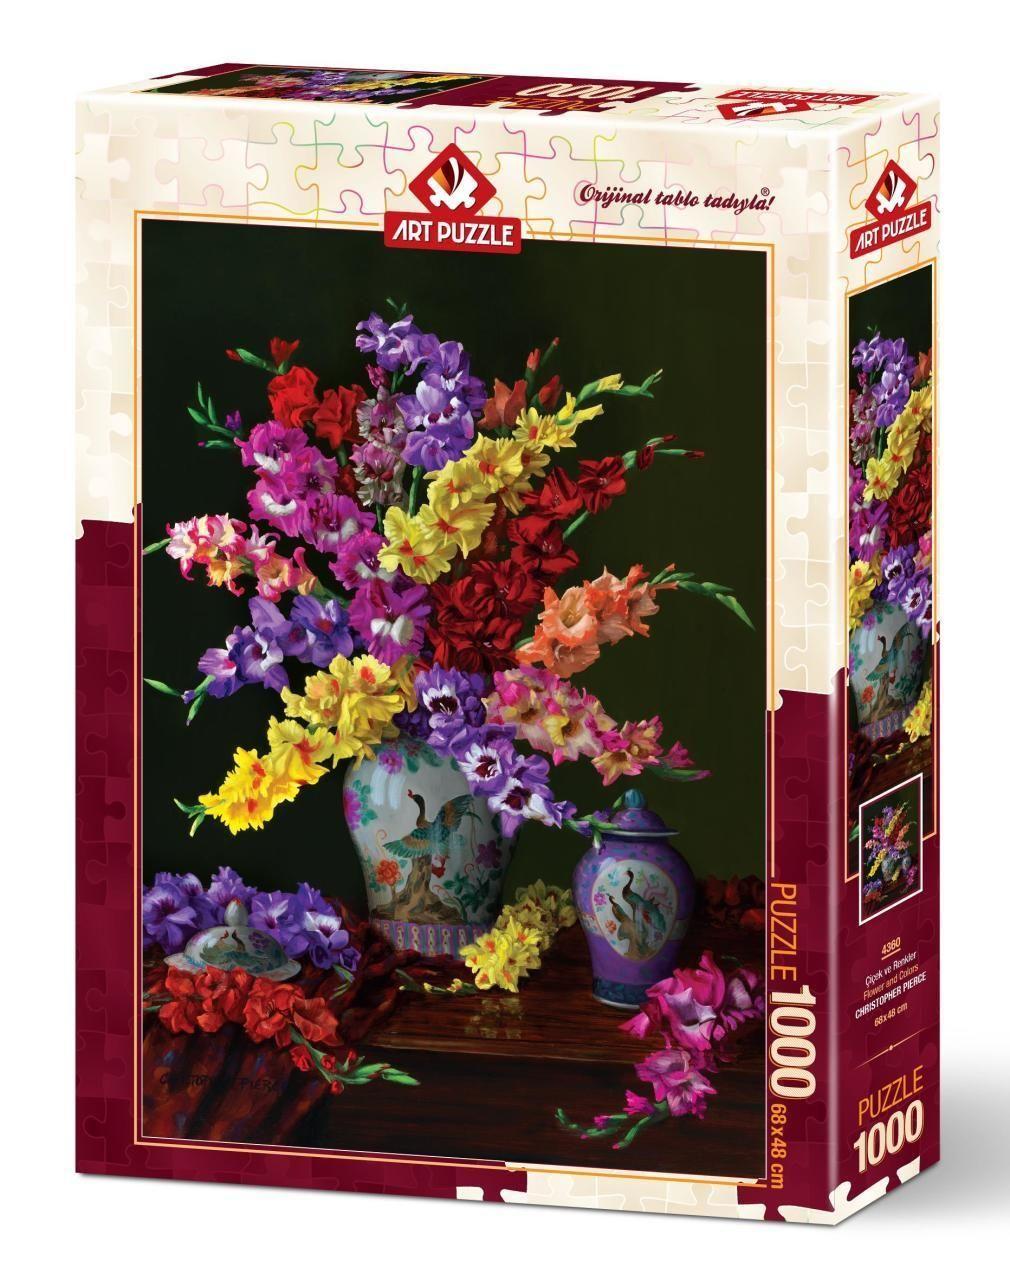 Art Puzzle Çiçek Ve Renkler 1000 Parça